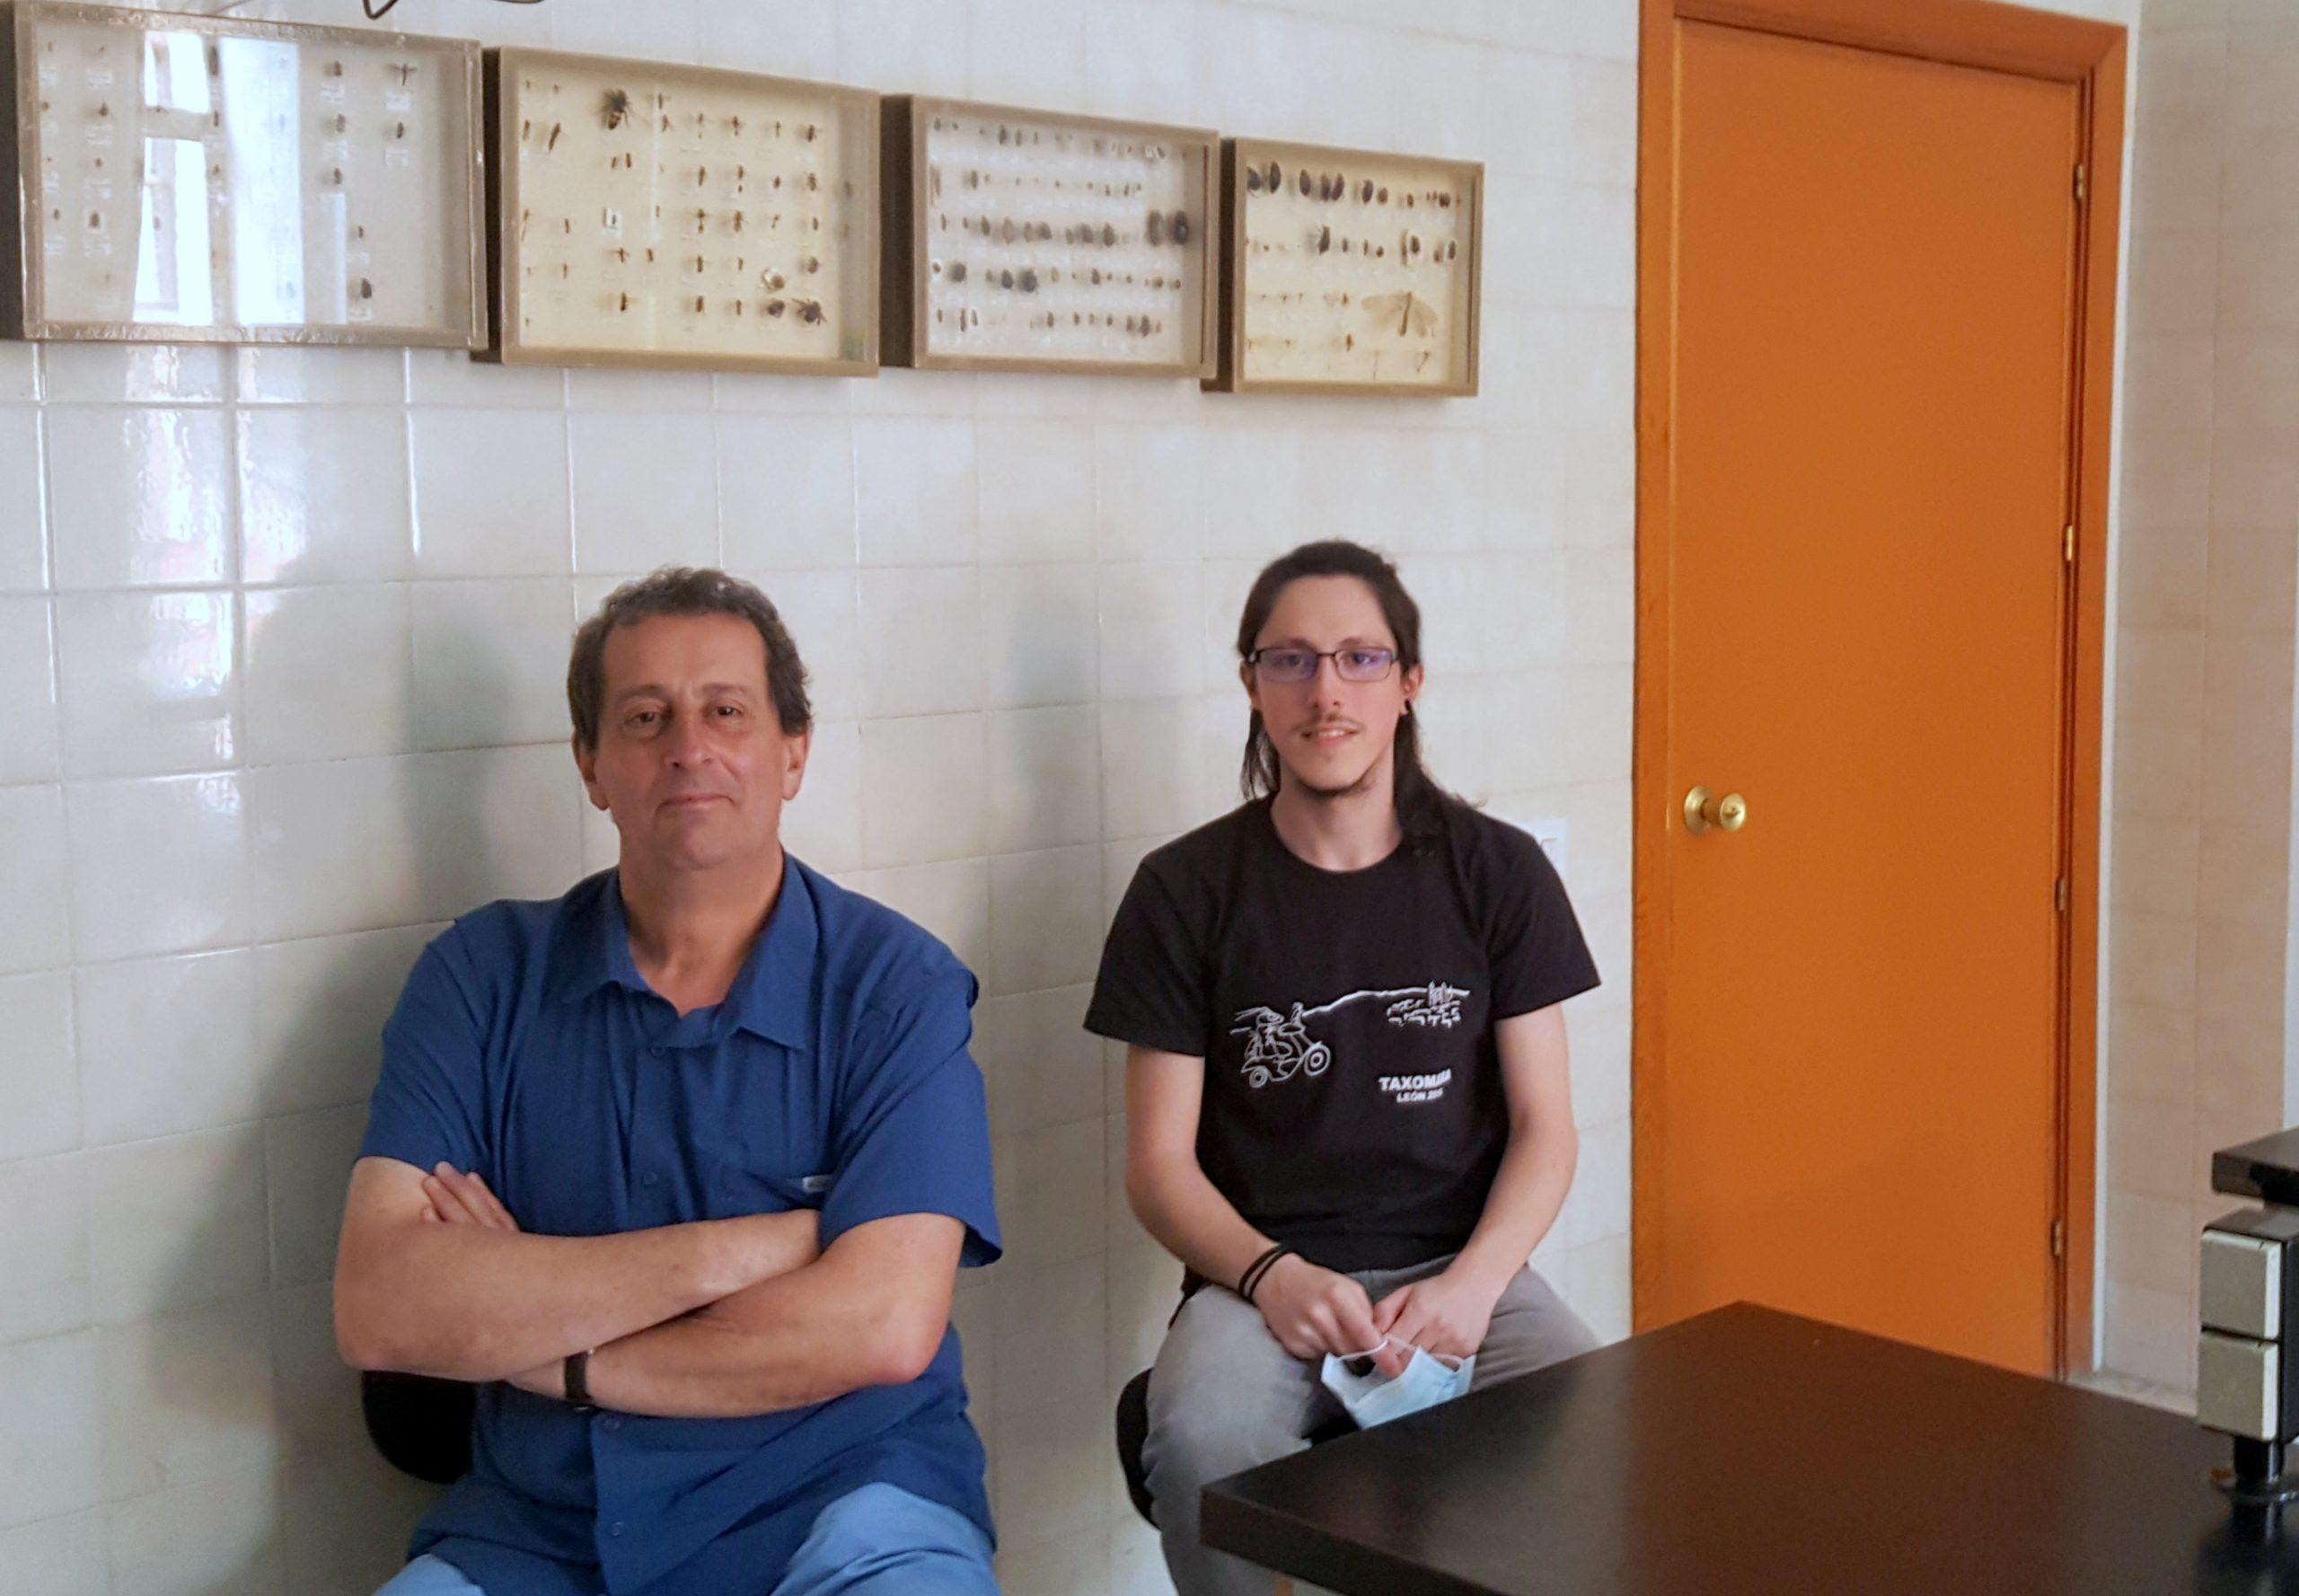 La Universidad de León identifica un insecto causante de alergias